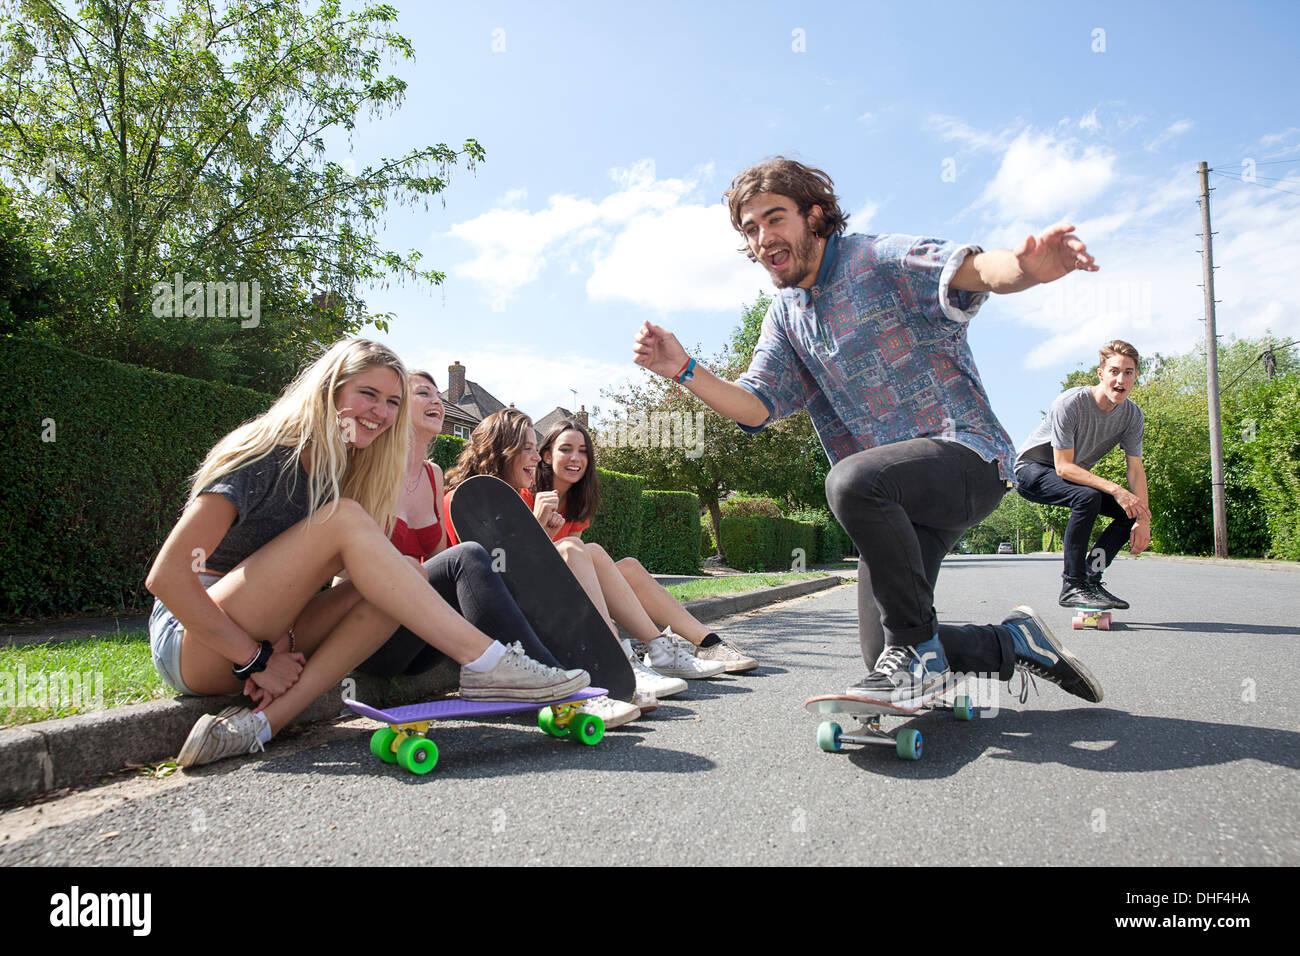 Vier junge Frauen sitzen auf Bordstein Skateboarder beobachten Stockbild